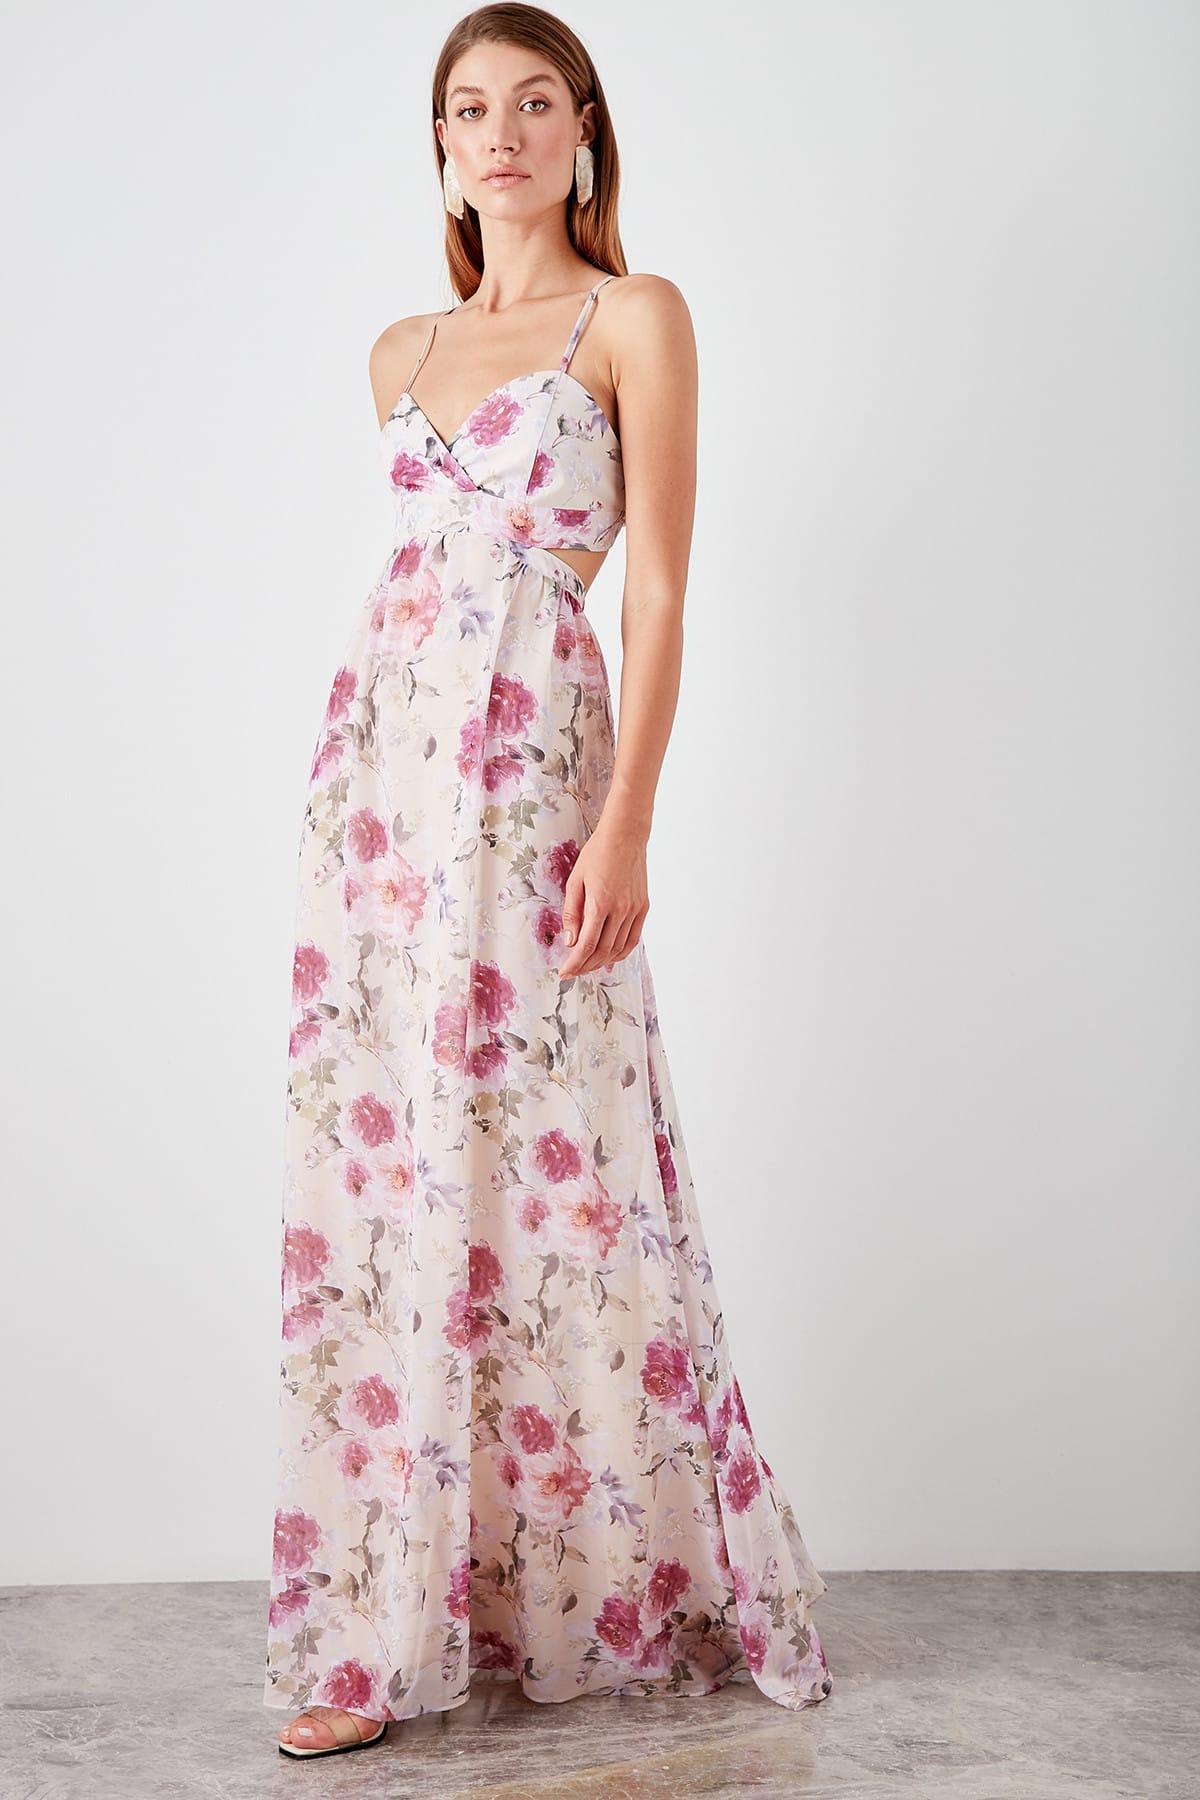 Trendyol Patterned Back Low-Cut Evening Dress TPRSS19WU0037